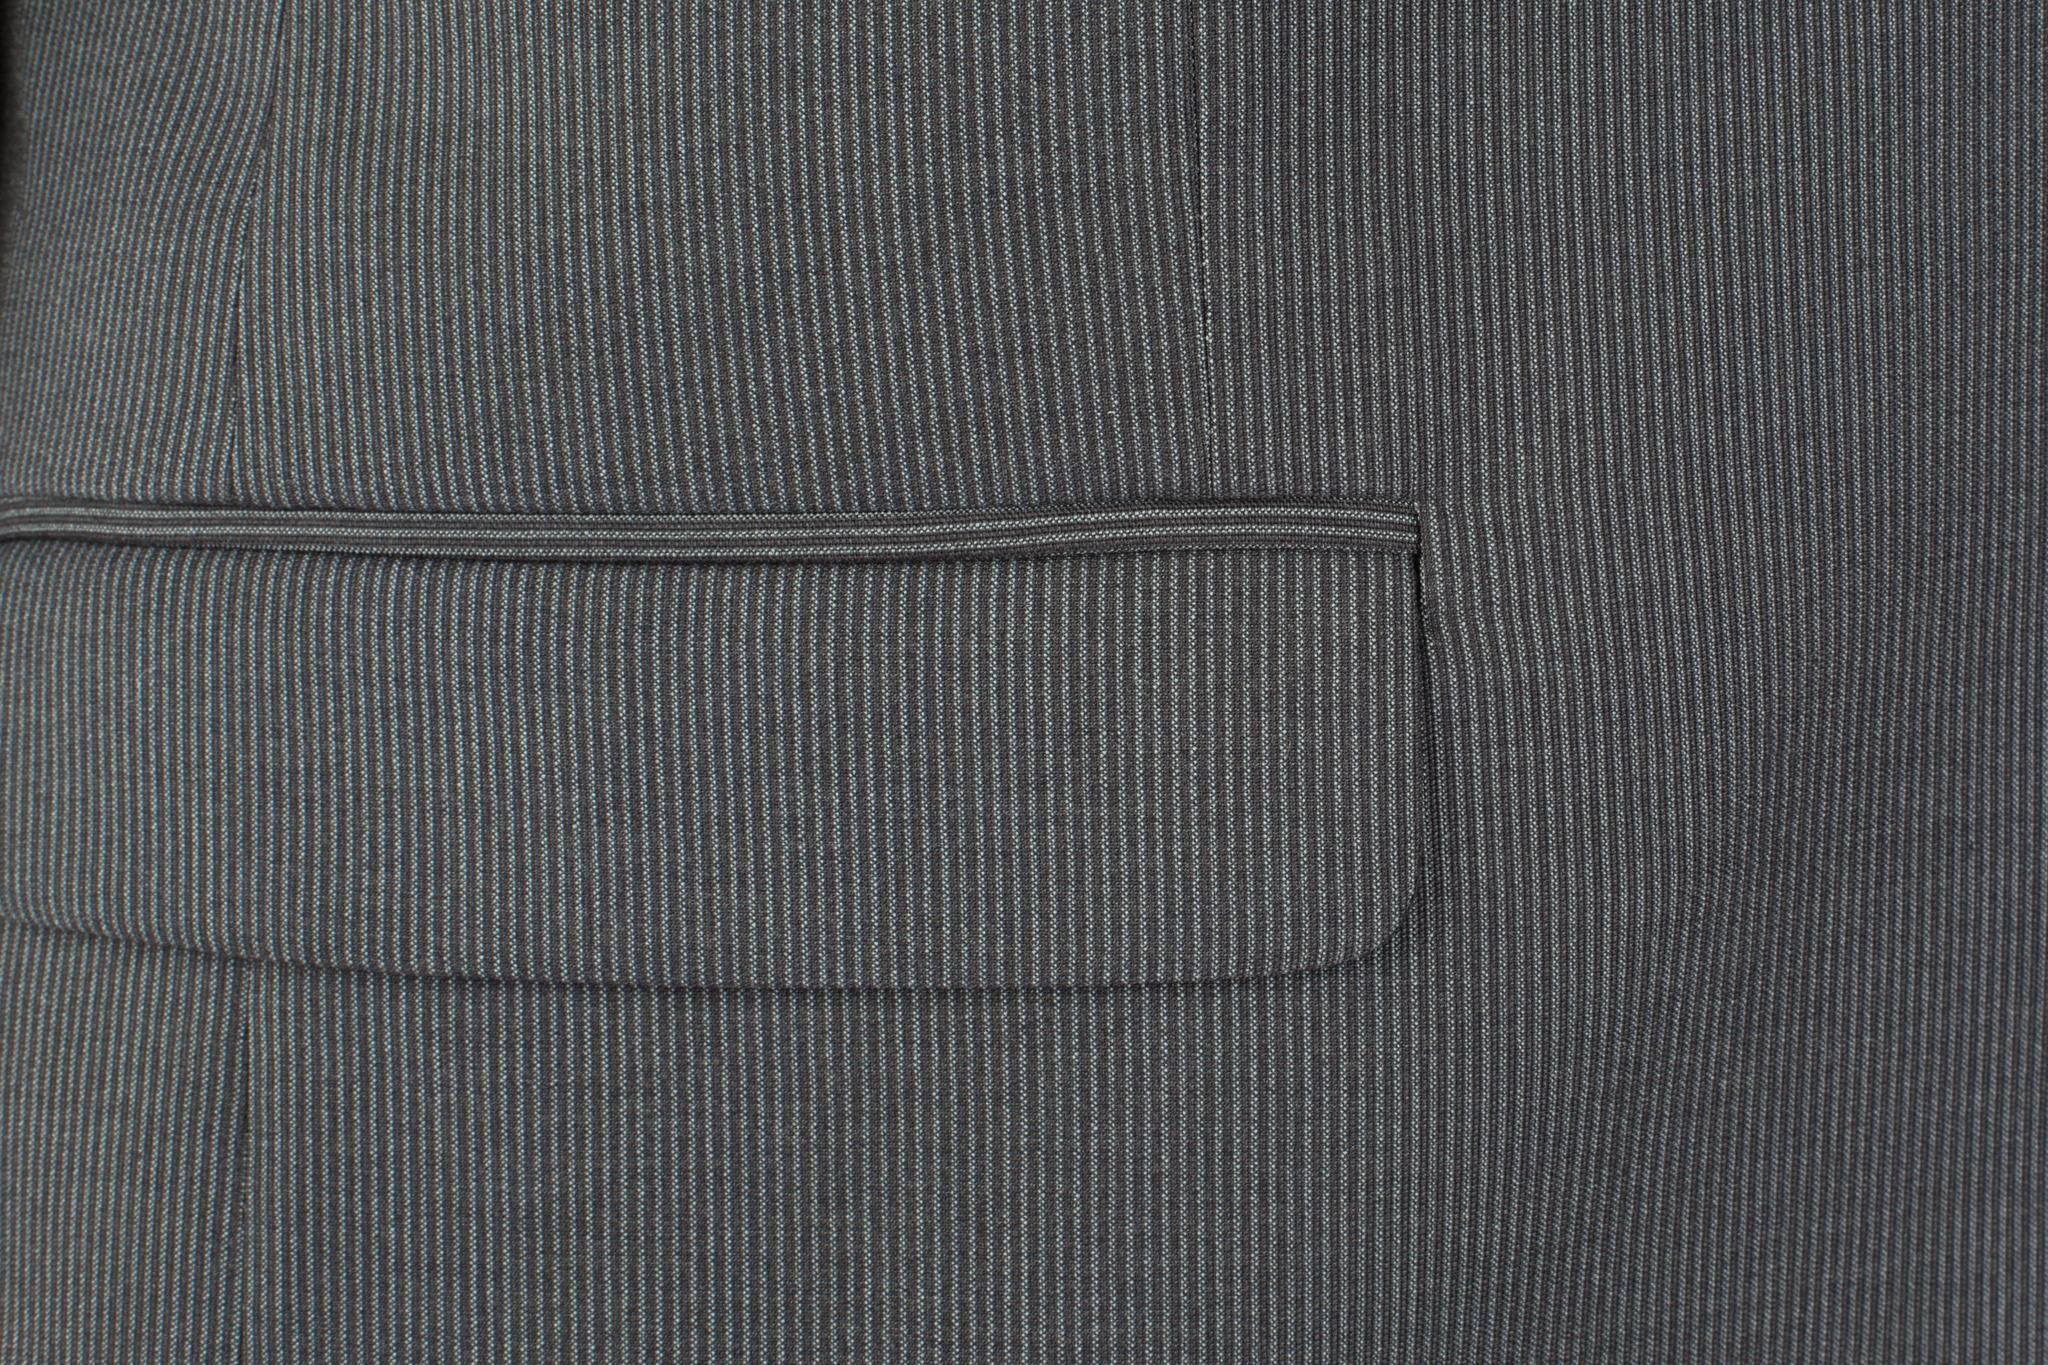 Серый шерстяной костюм в слегка заметную полоску, накладной карман